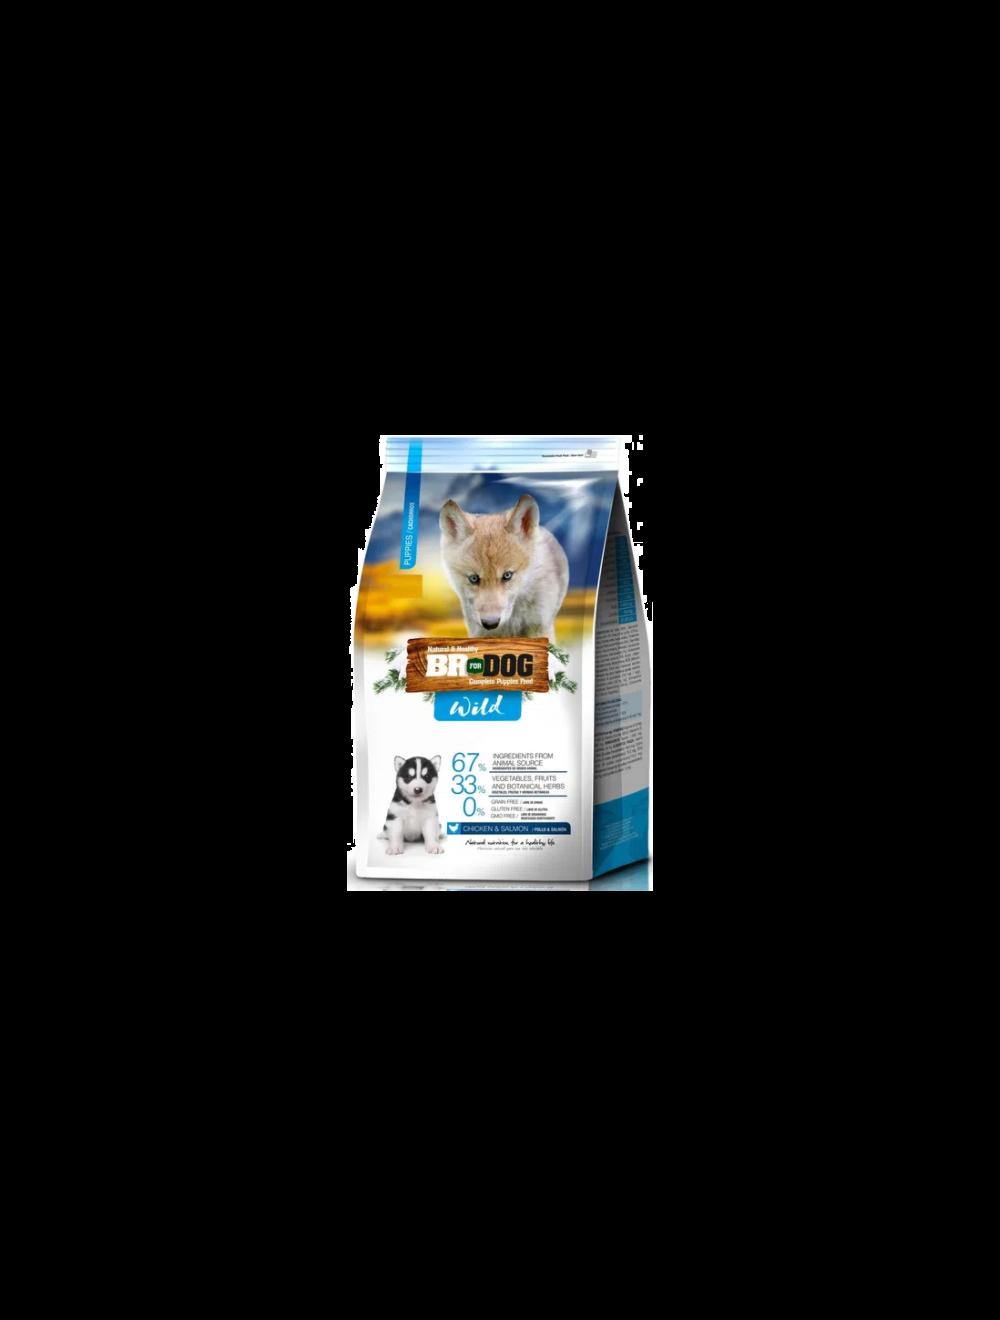 Comida para perro BrForDogWildPuppies - ciudaddemascotas.com